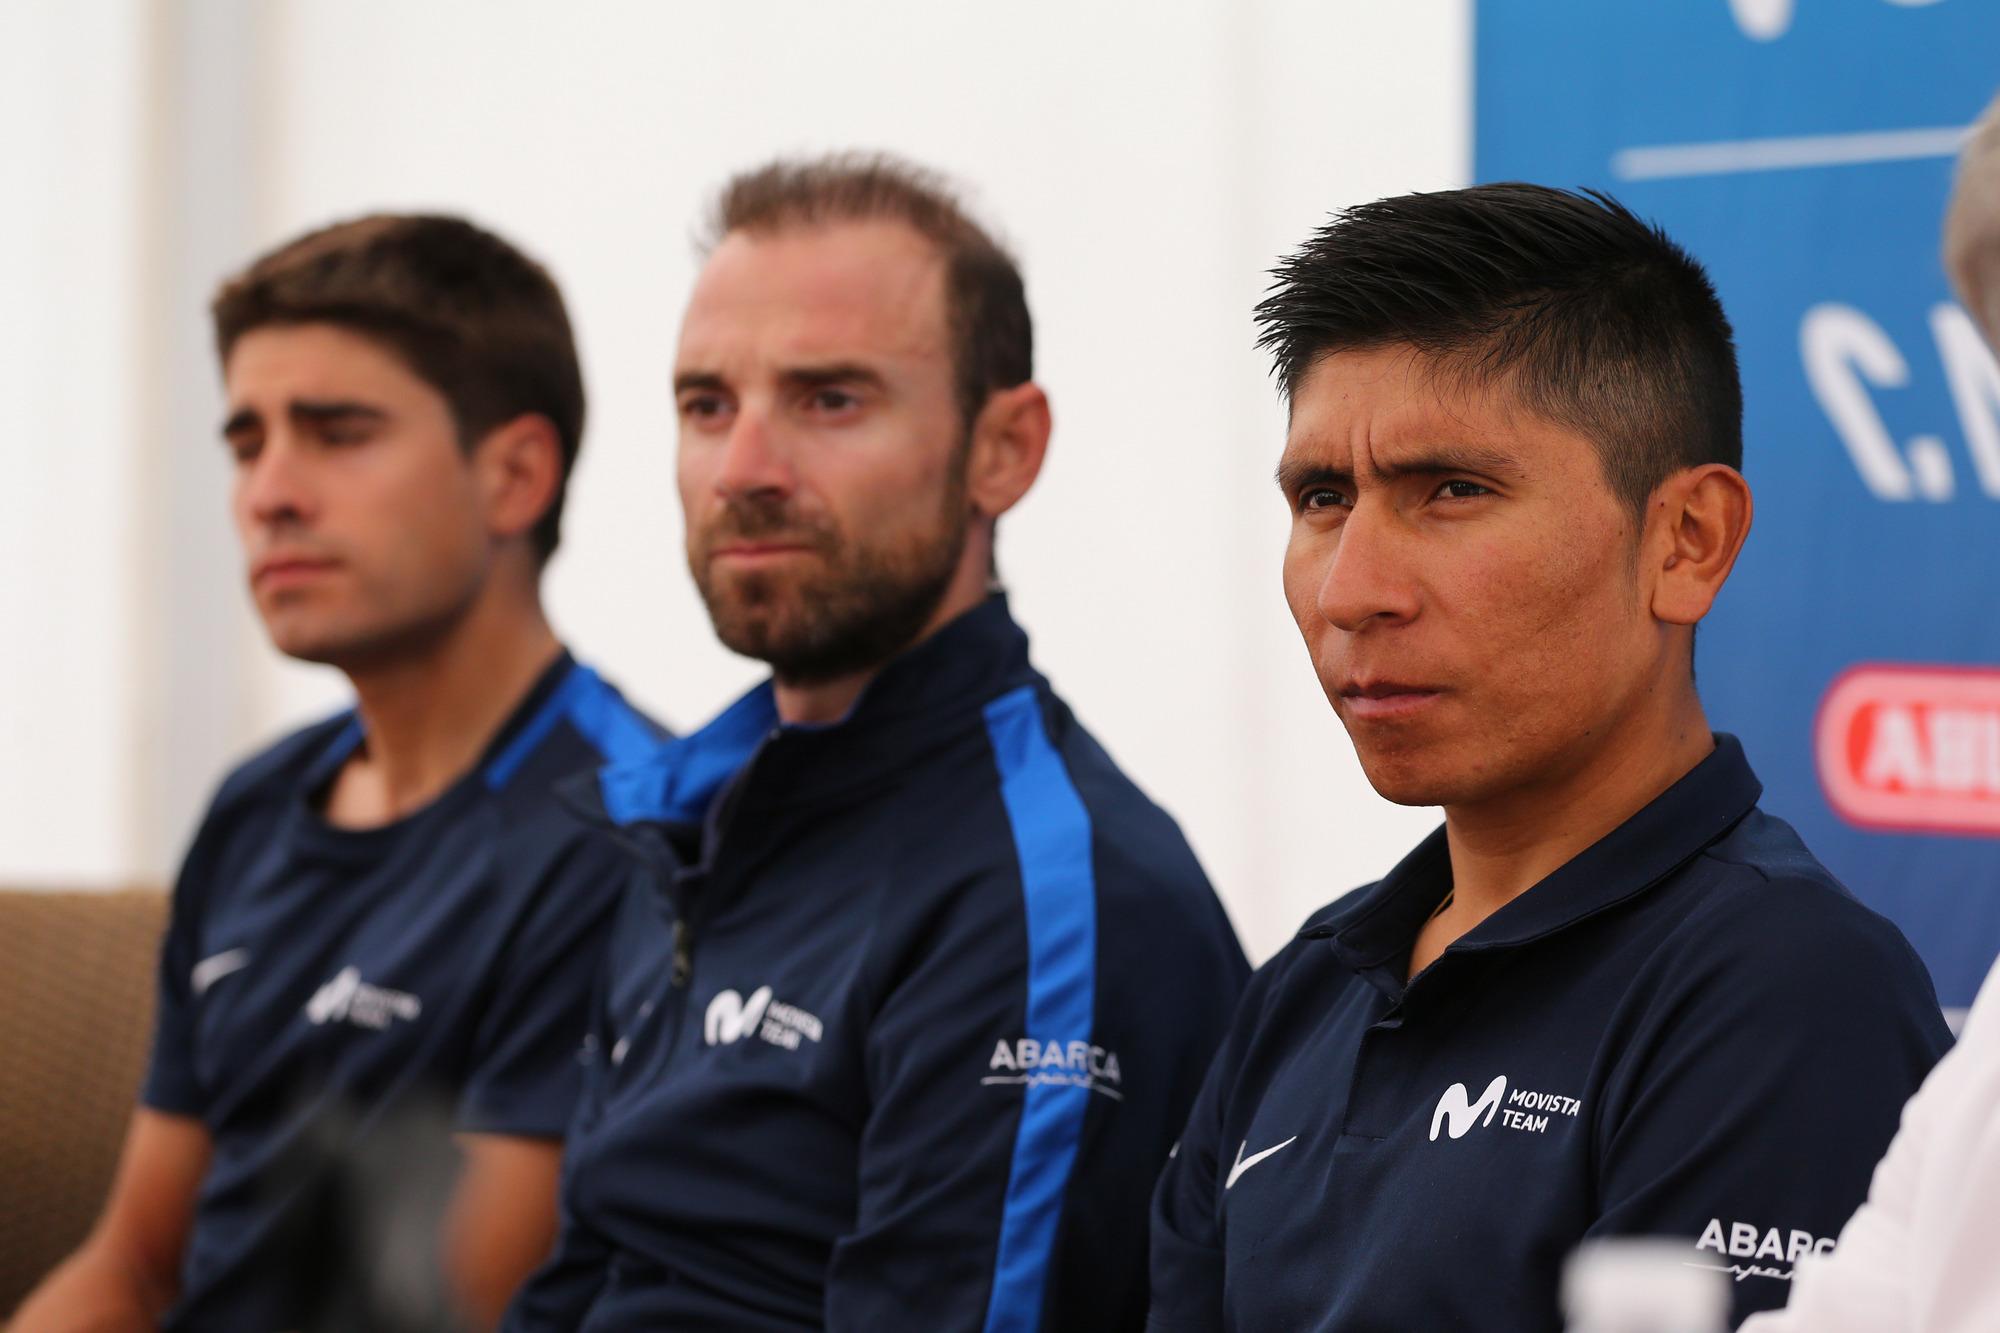 Los líderes del Movistar, satisfechos de sus nueve primeros días de Tour